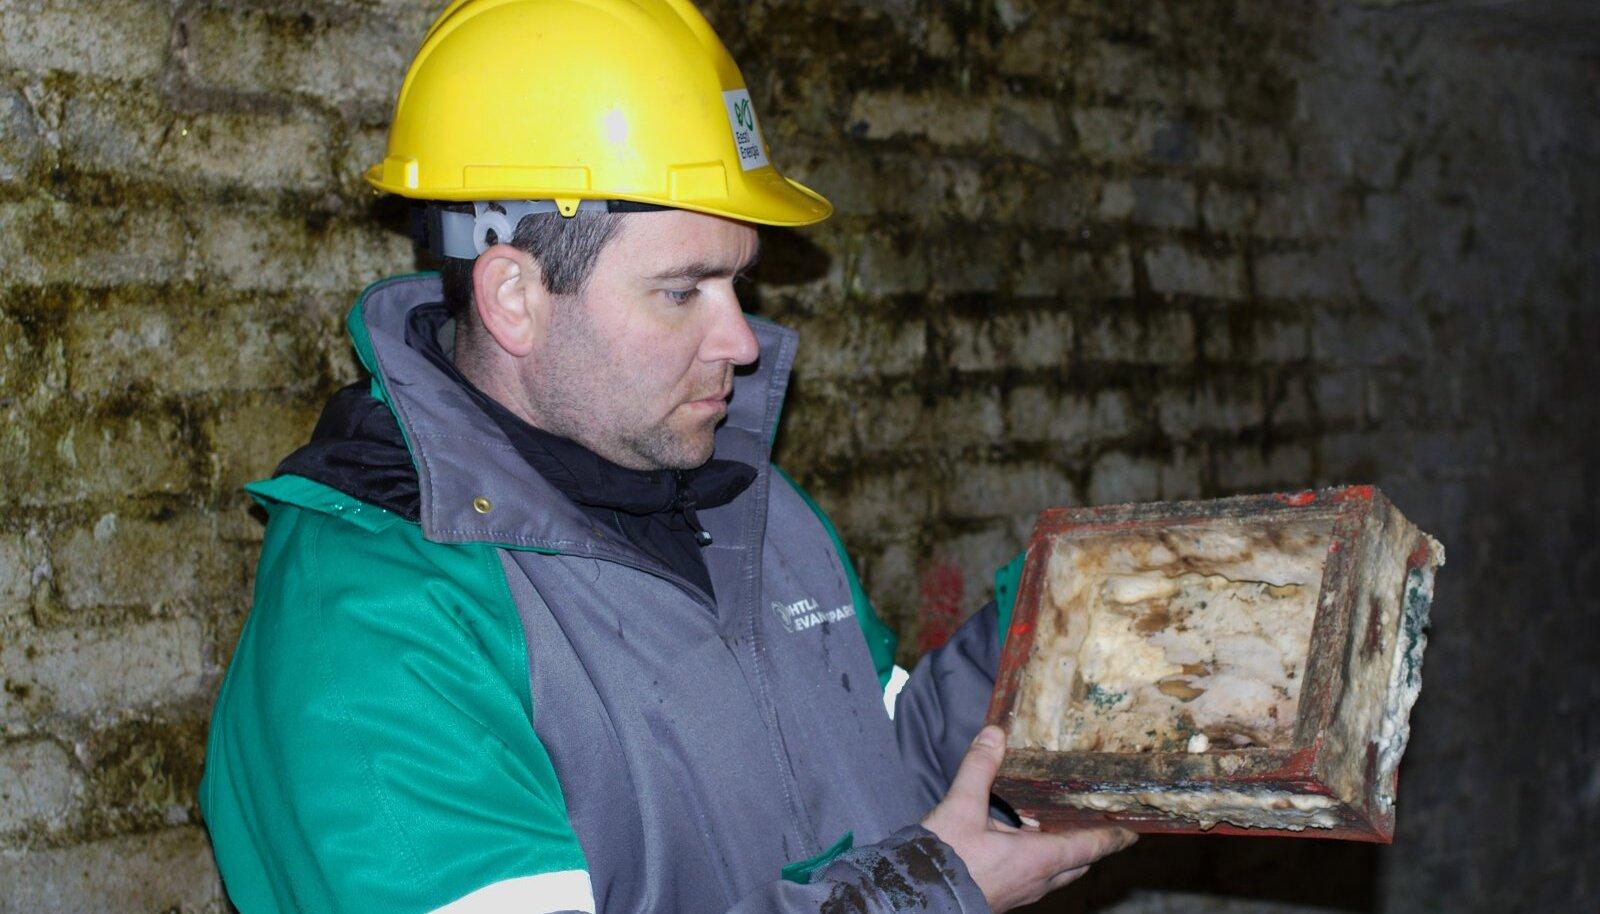 Leho Tedersoo kaevandusmuuseumis seene